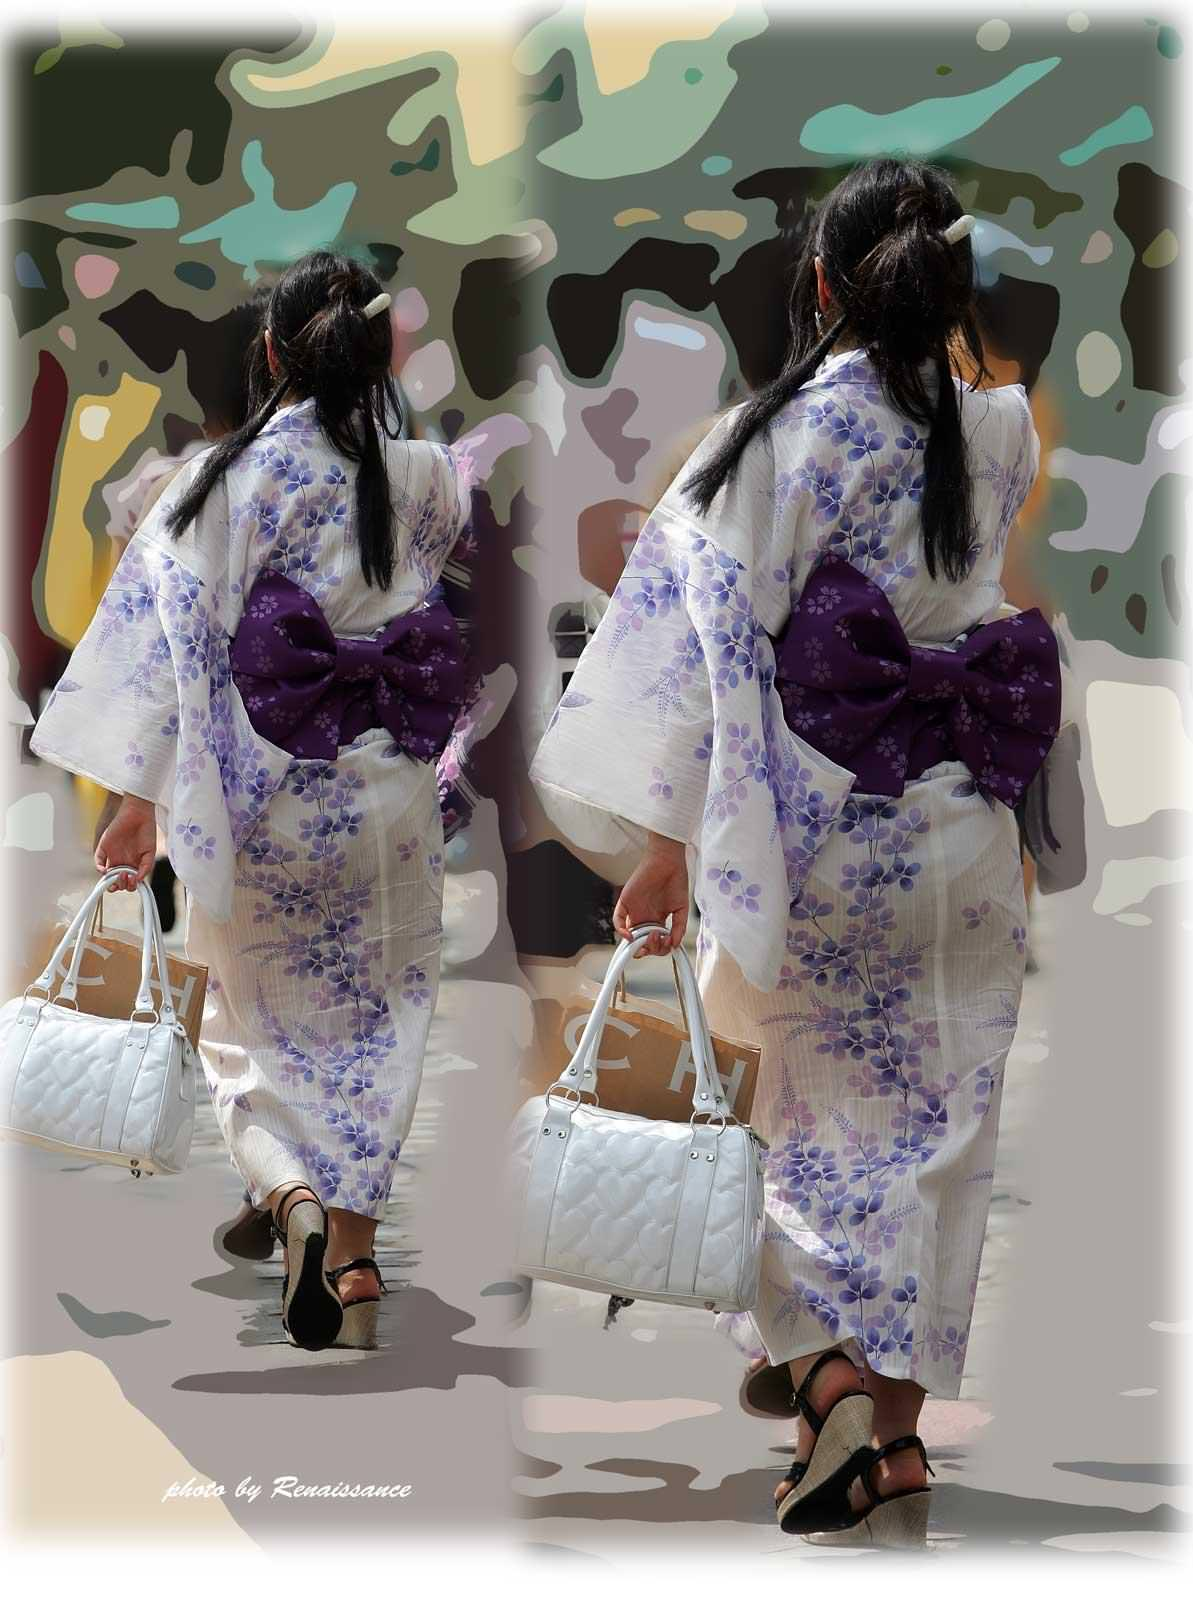 夏祭りに浴衣で来てる素人女子のお尻が清楚で可愛い過ぎるwwwww街撮りエロ画像 573